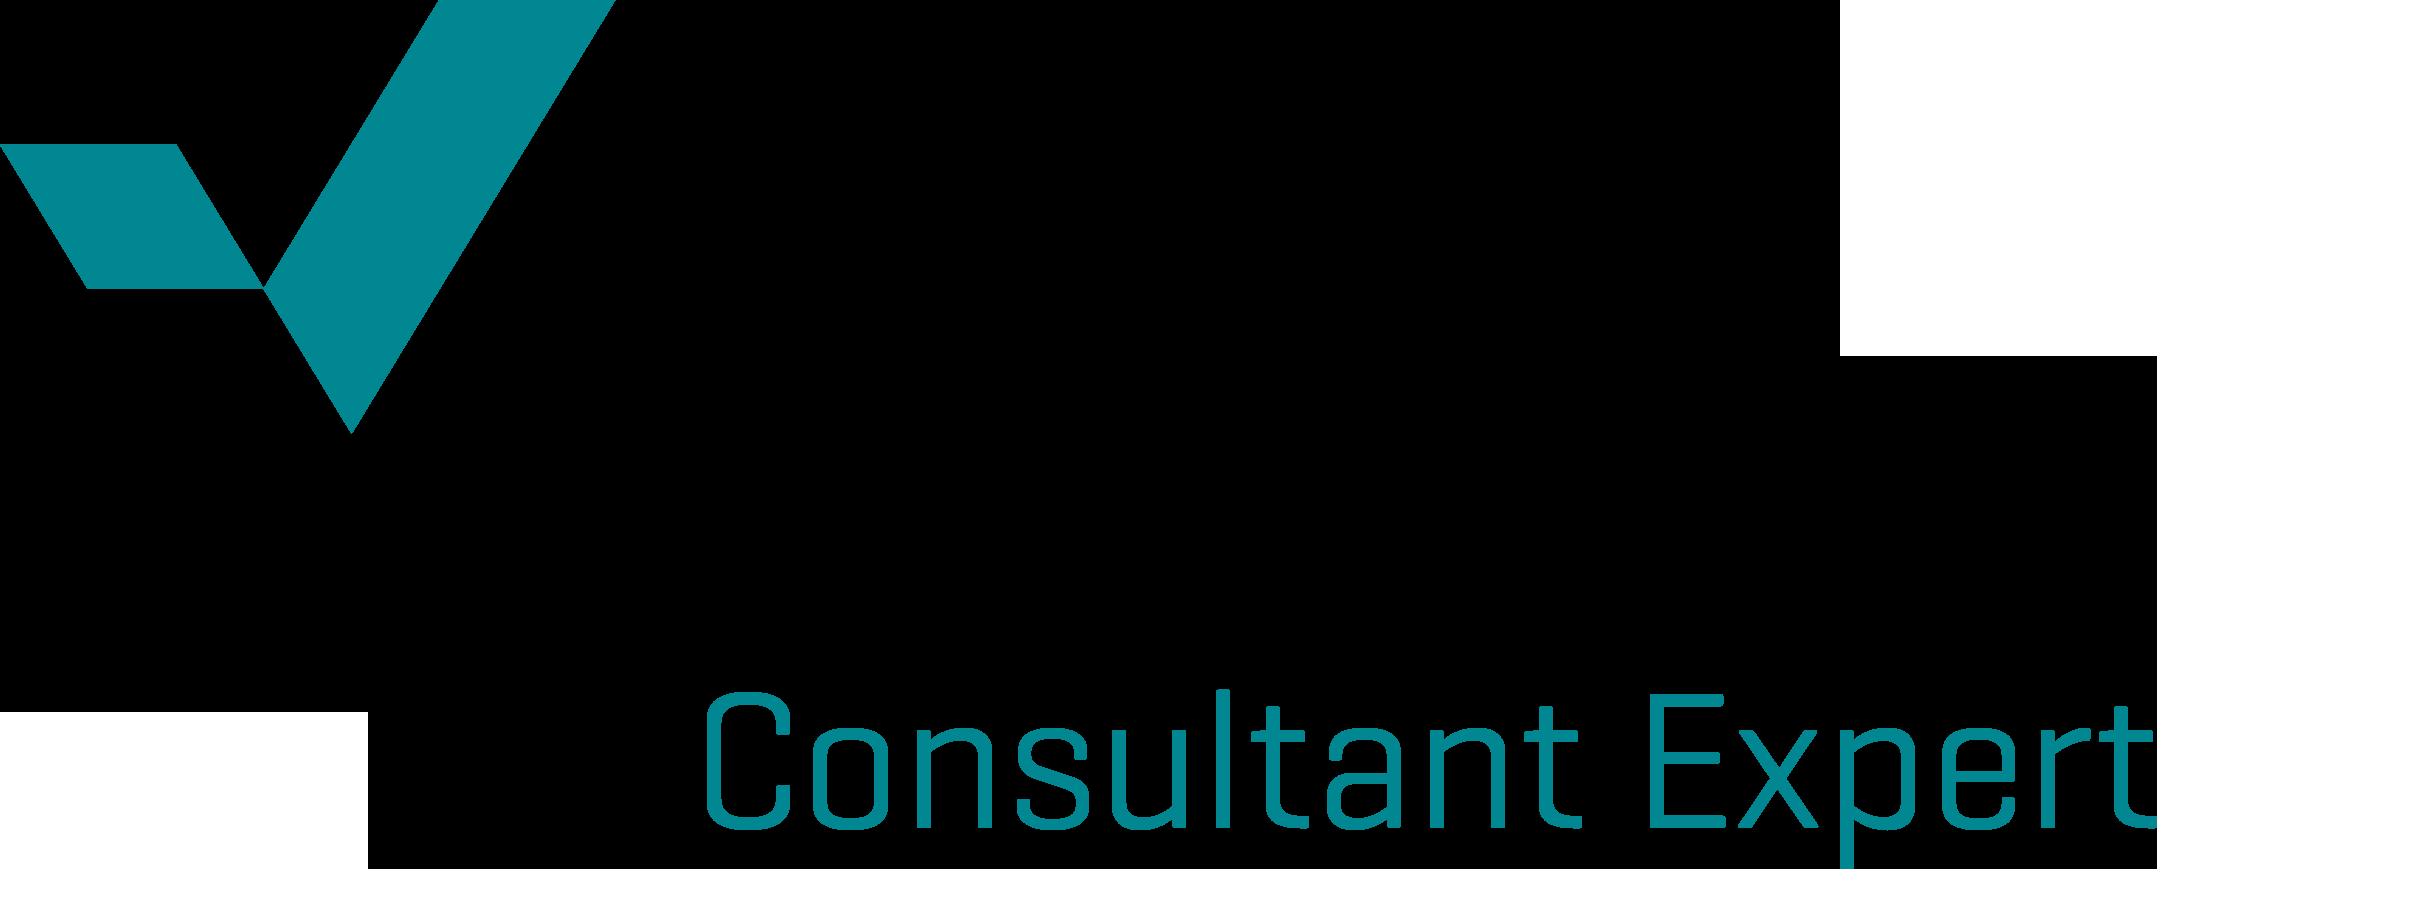 LOGO_ICPF_Consultant